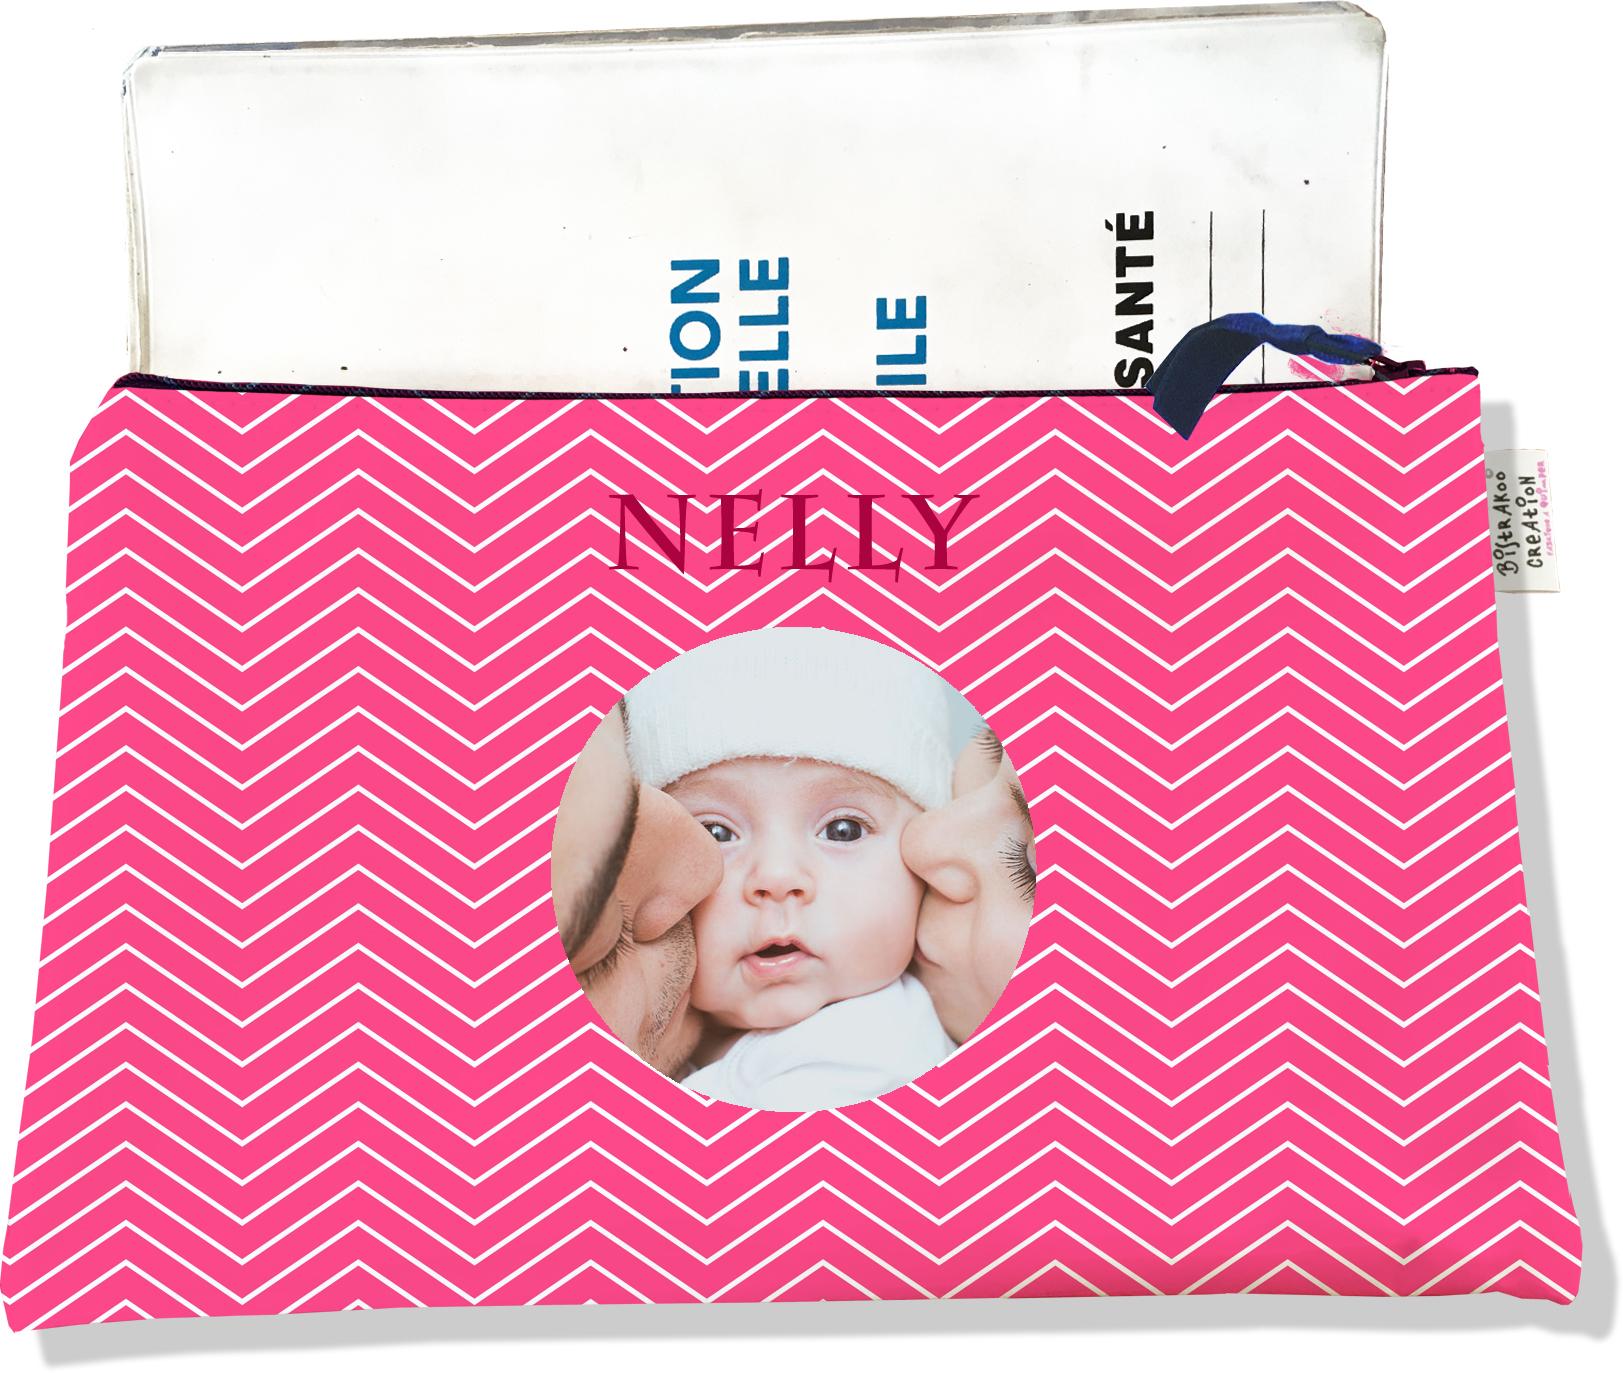 Protège carnet de santé personnalisé zippé pour bébé fille motif chevrons